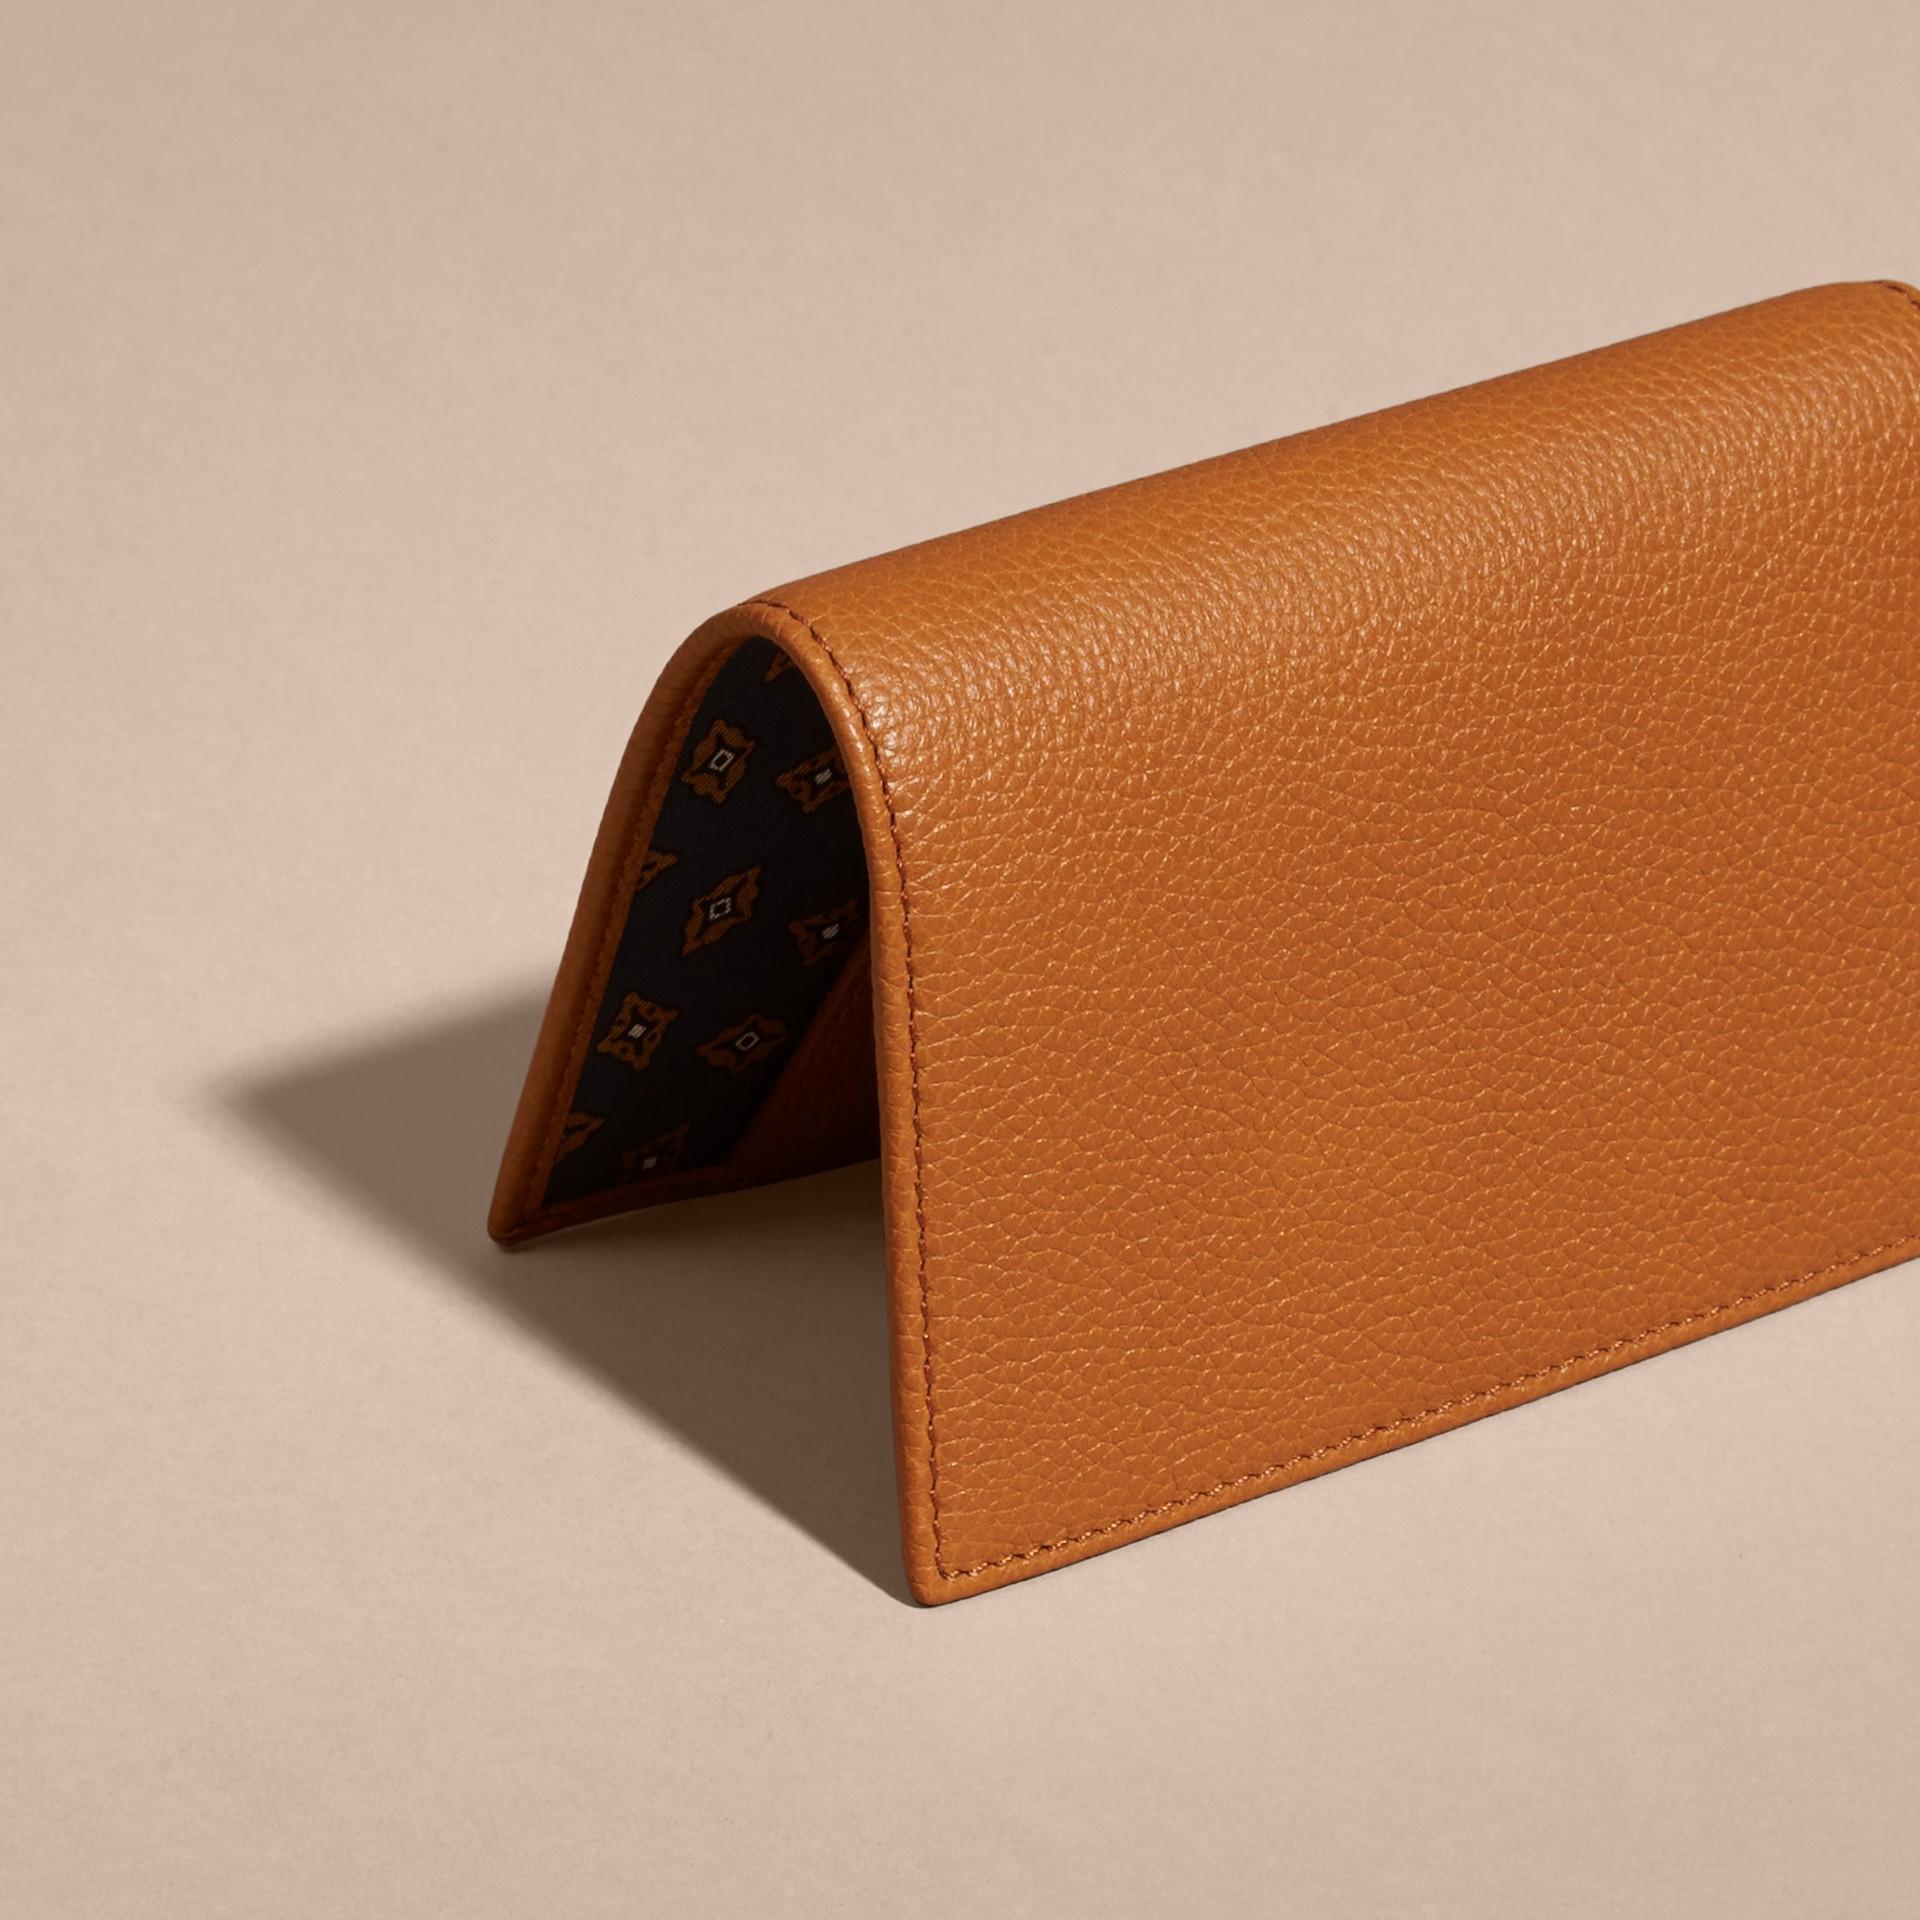 Caramelo claro Capa de couro granulado para passaporte com compartimentos porta-cartões Caramelo Claro - galeria de imagens 5